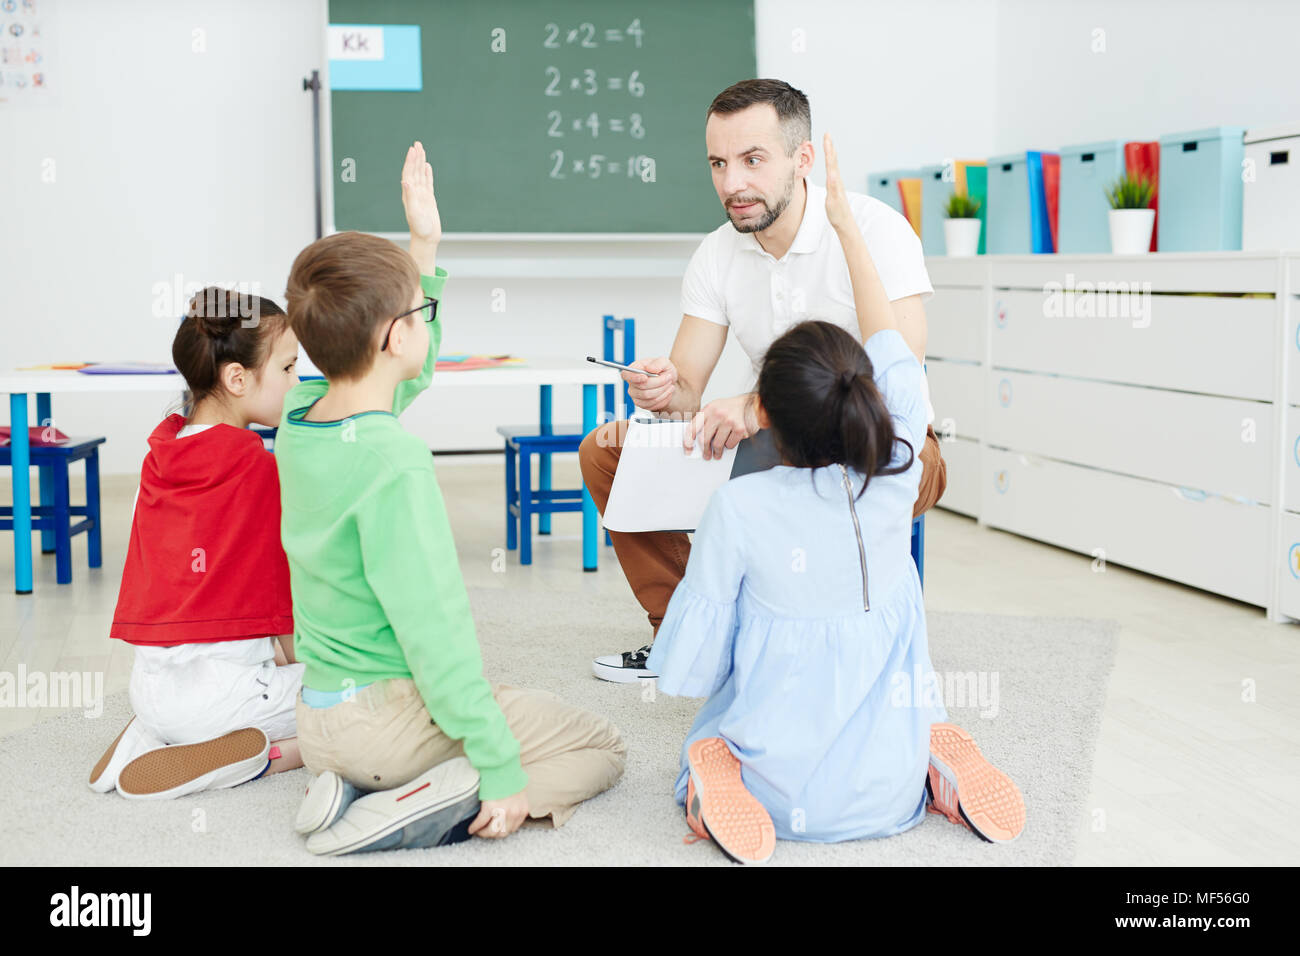 Studenti della scuola primaria alzando le mani e rispondere alle domande mentre è seduto sul pavimento e avente attività di matematica con insegnante maschio Immagini Stock